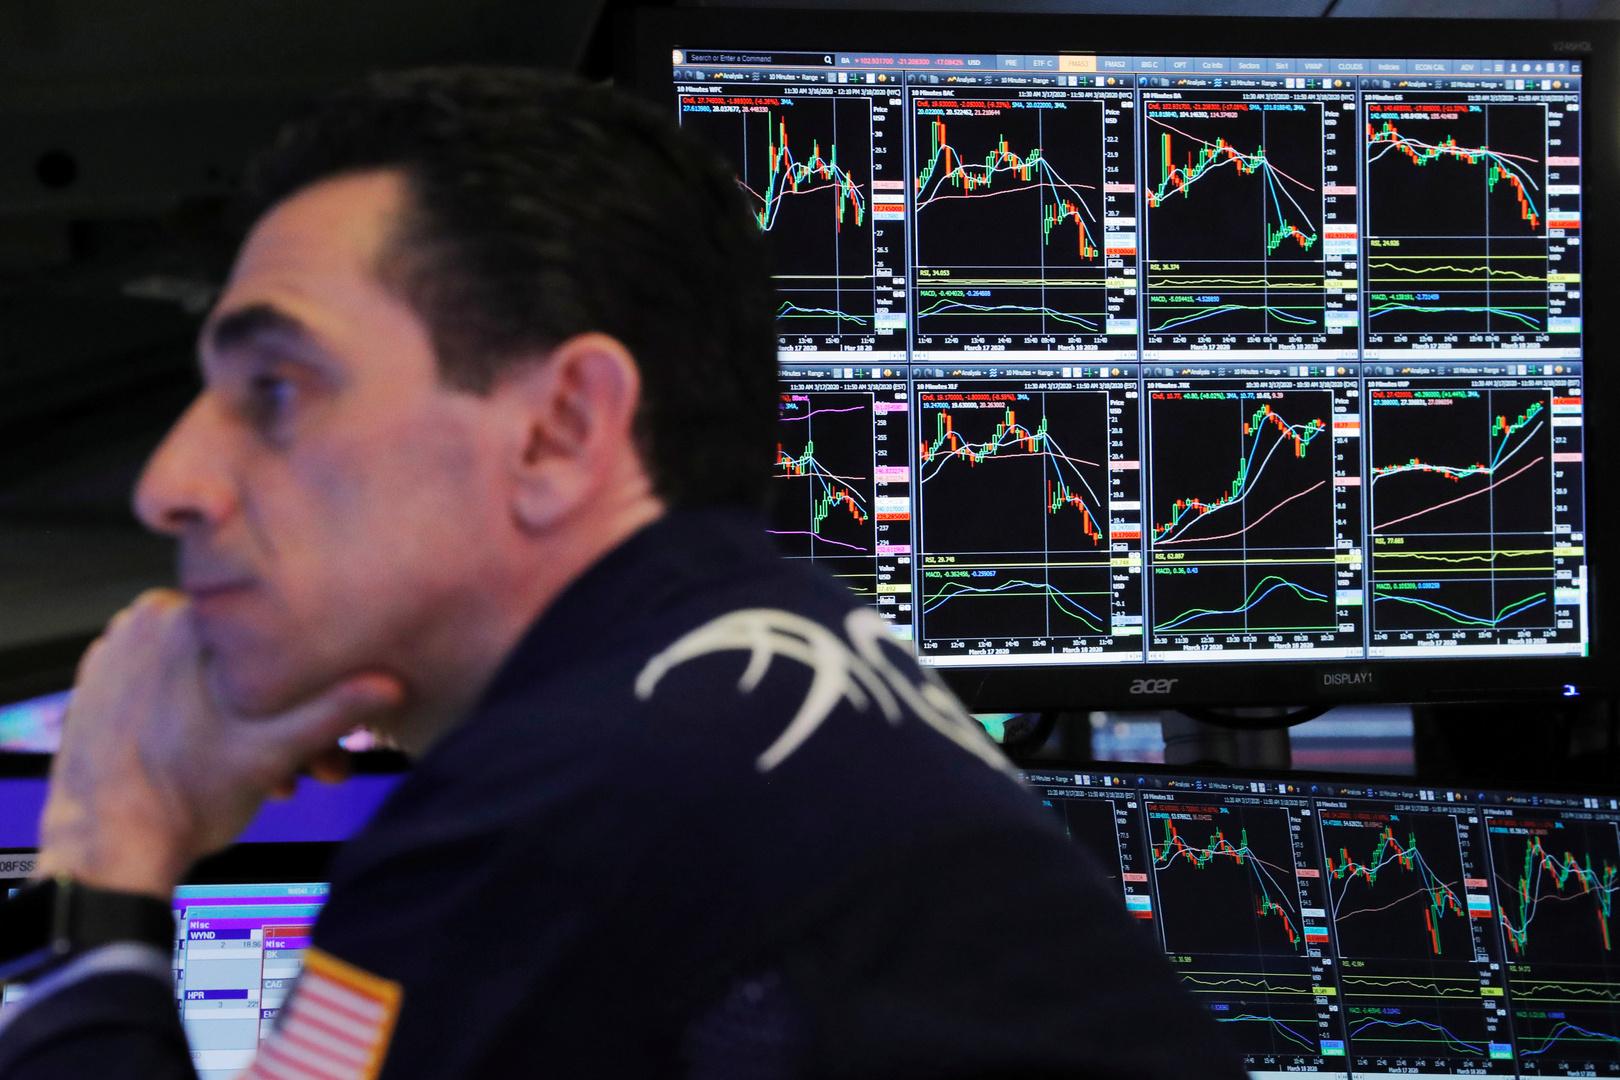 ذروة قياسية لمؤشر البورصة الأمريكية